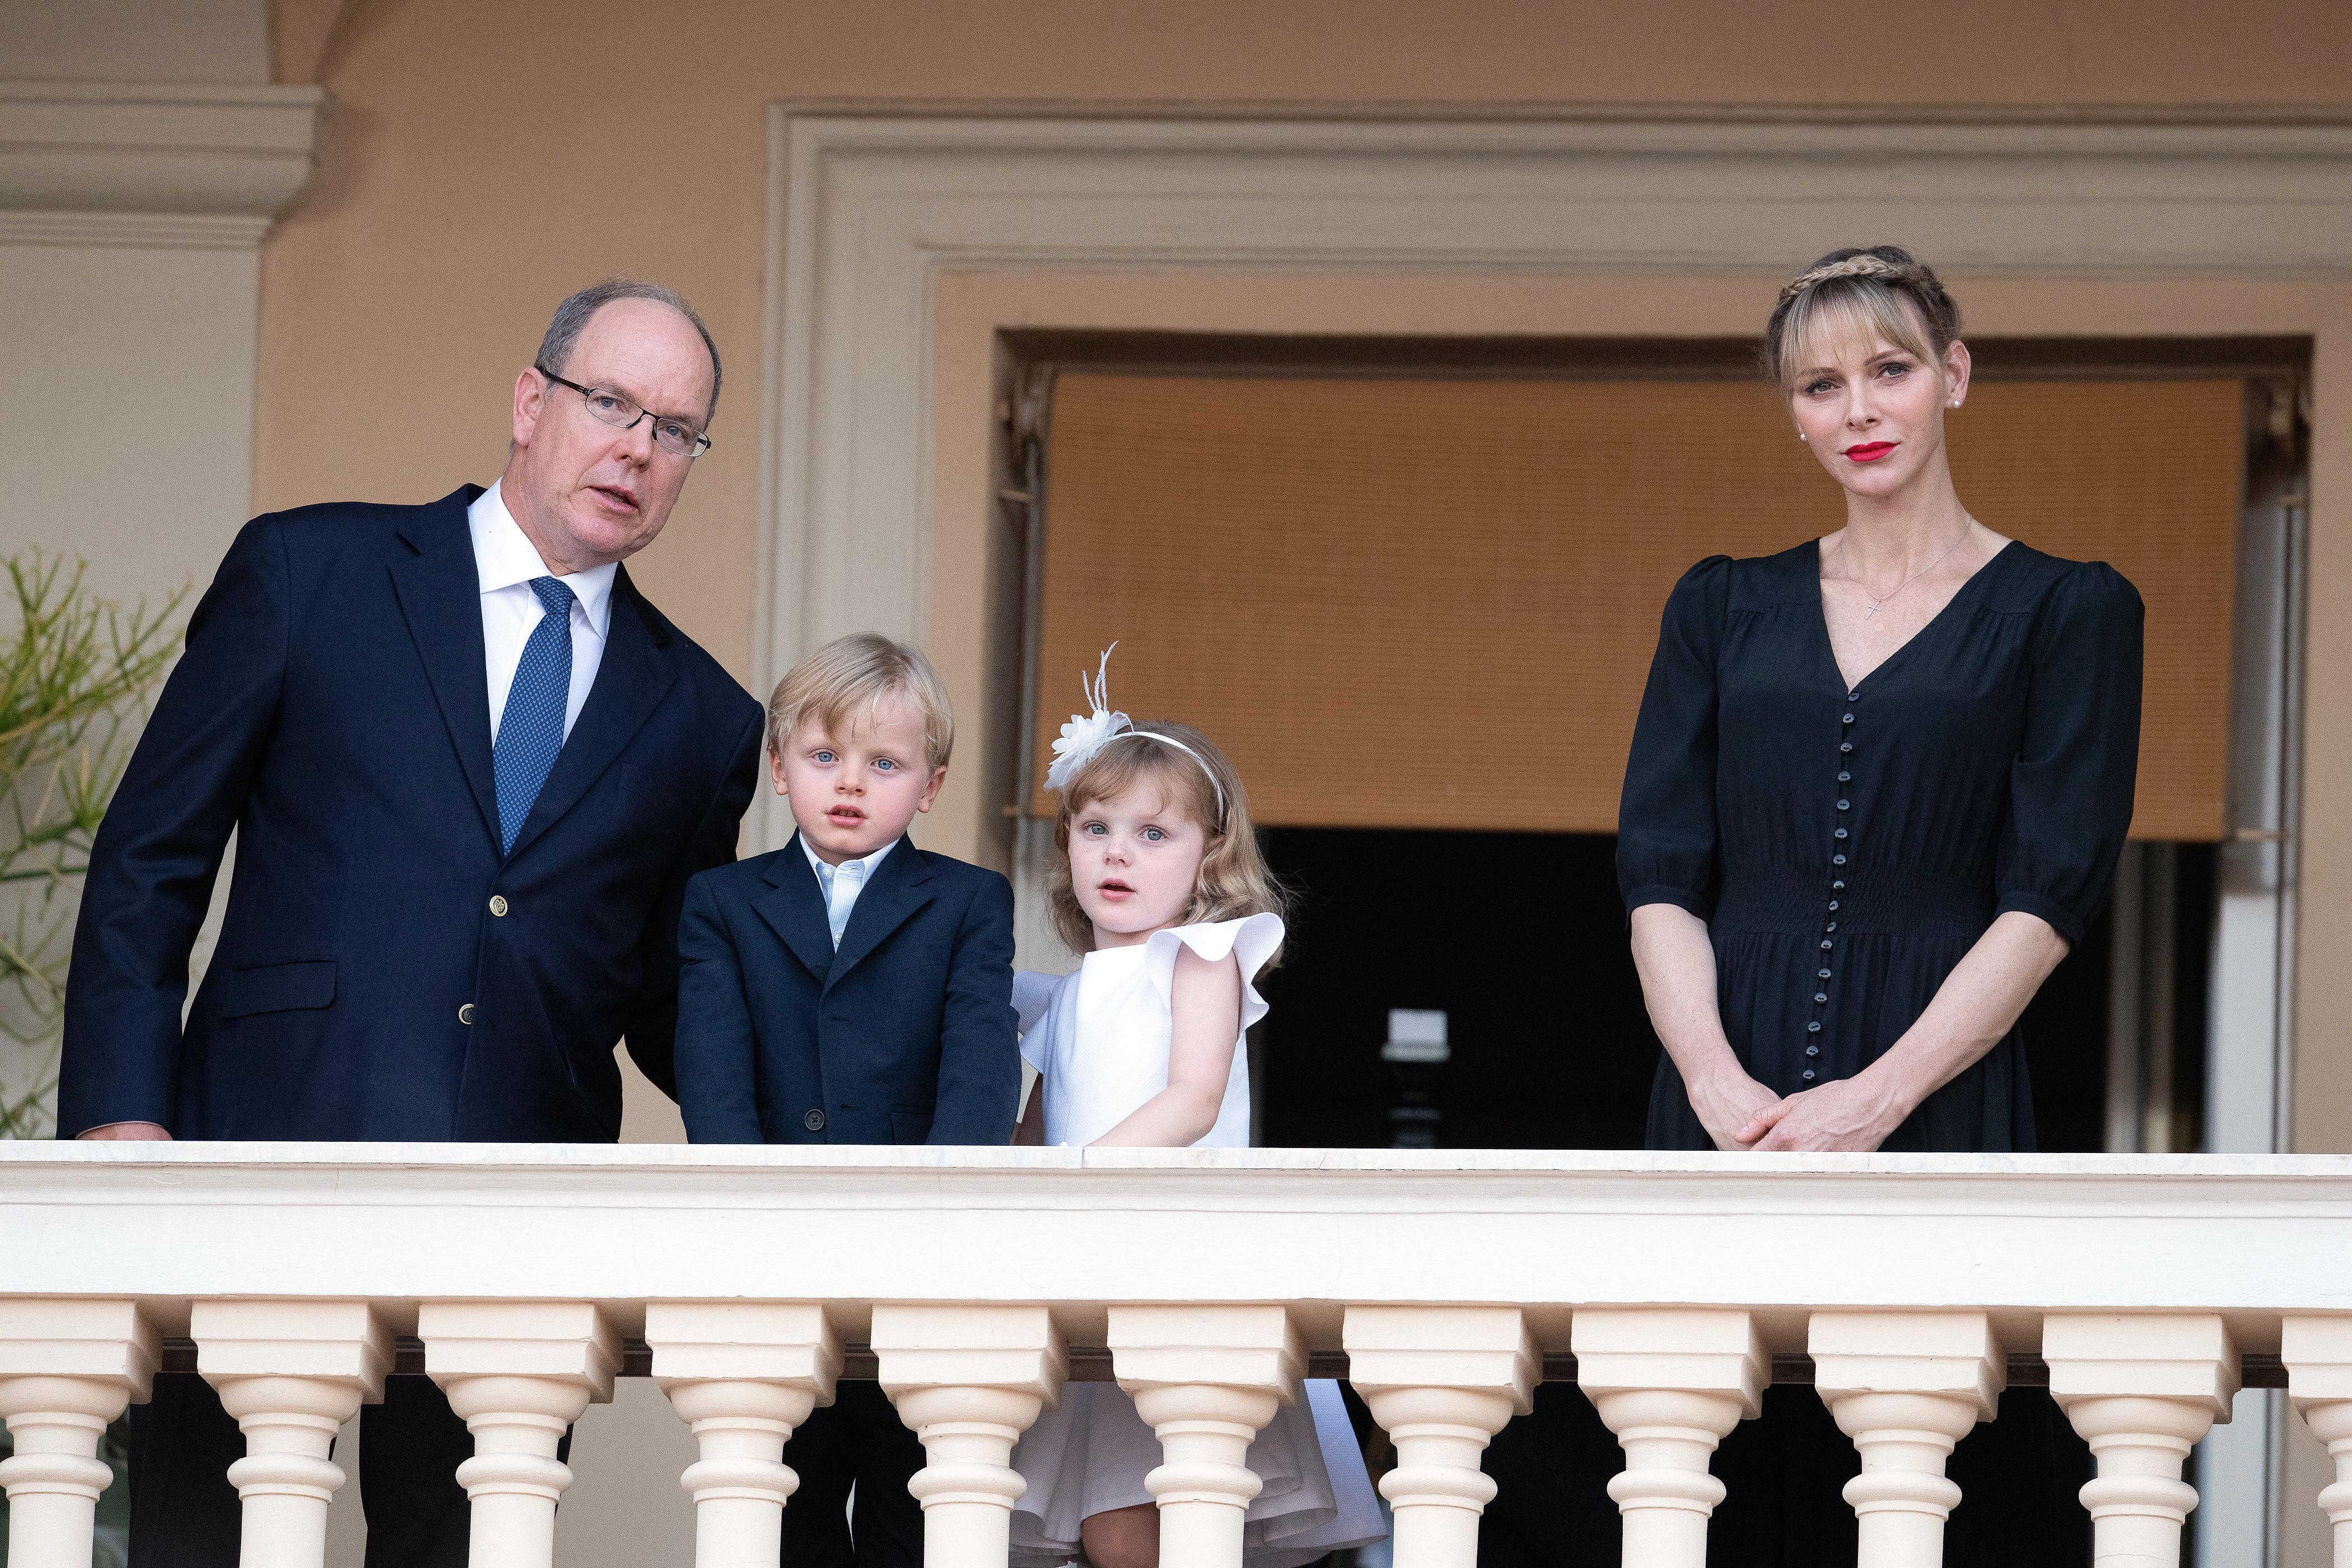 Das Fürstenpaar von Monaco hat gemeinsam die Zwillinge Jacques und Gabriella. Ist der Erbprinz der einzige Grund für ihre Liebe?